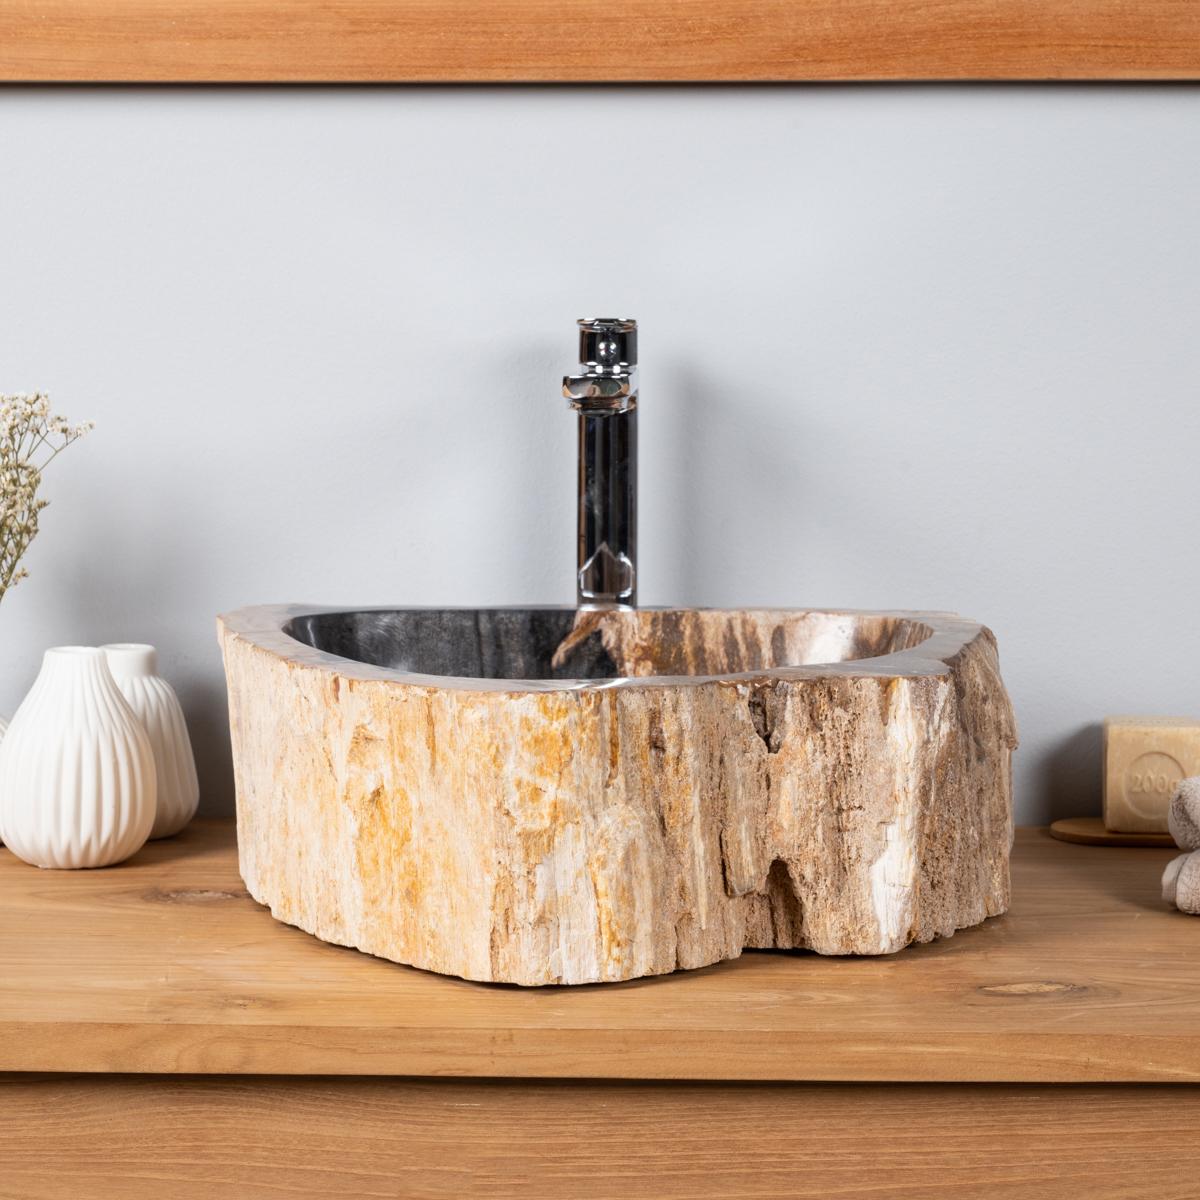 Vasque de salle de bain en bois p trifi fossilis l 42 cm for Vasque salle de bain bois